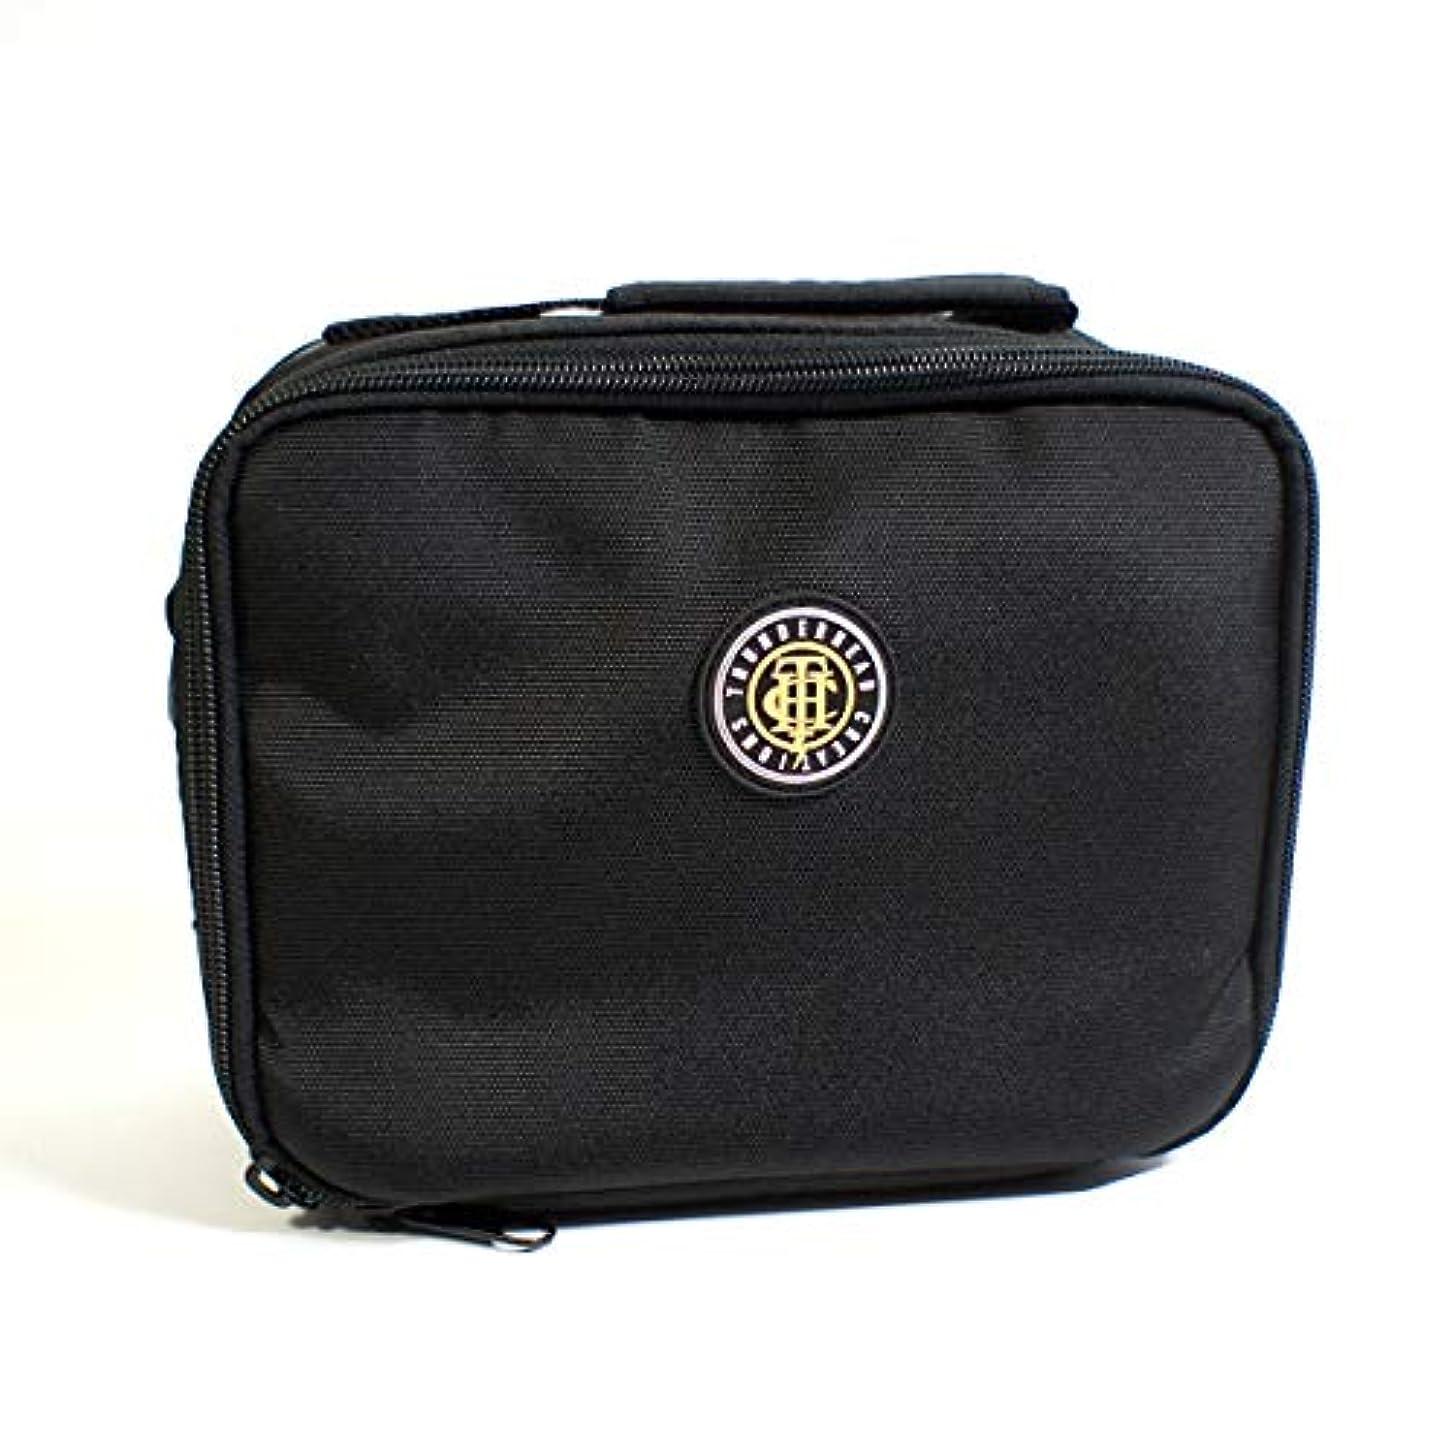 ガス無効にするのれんThunderHead Creations THC Vape Bag 電子タバコ 用バッグ キャリングケース